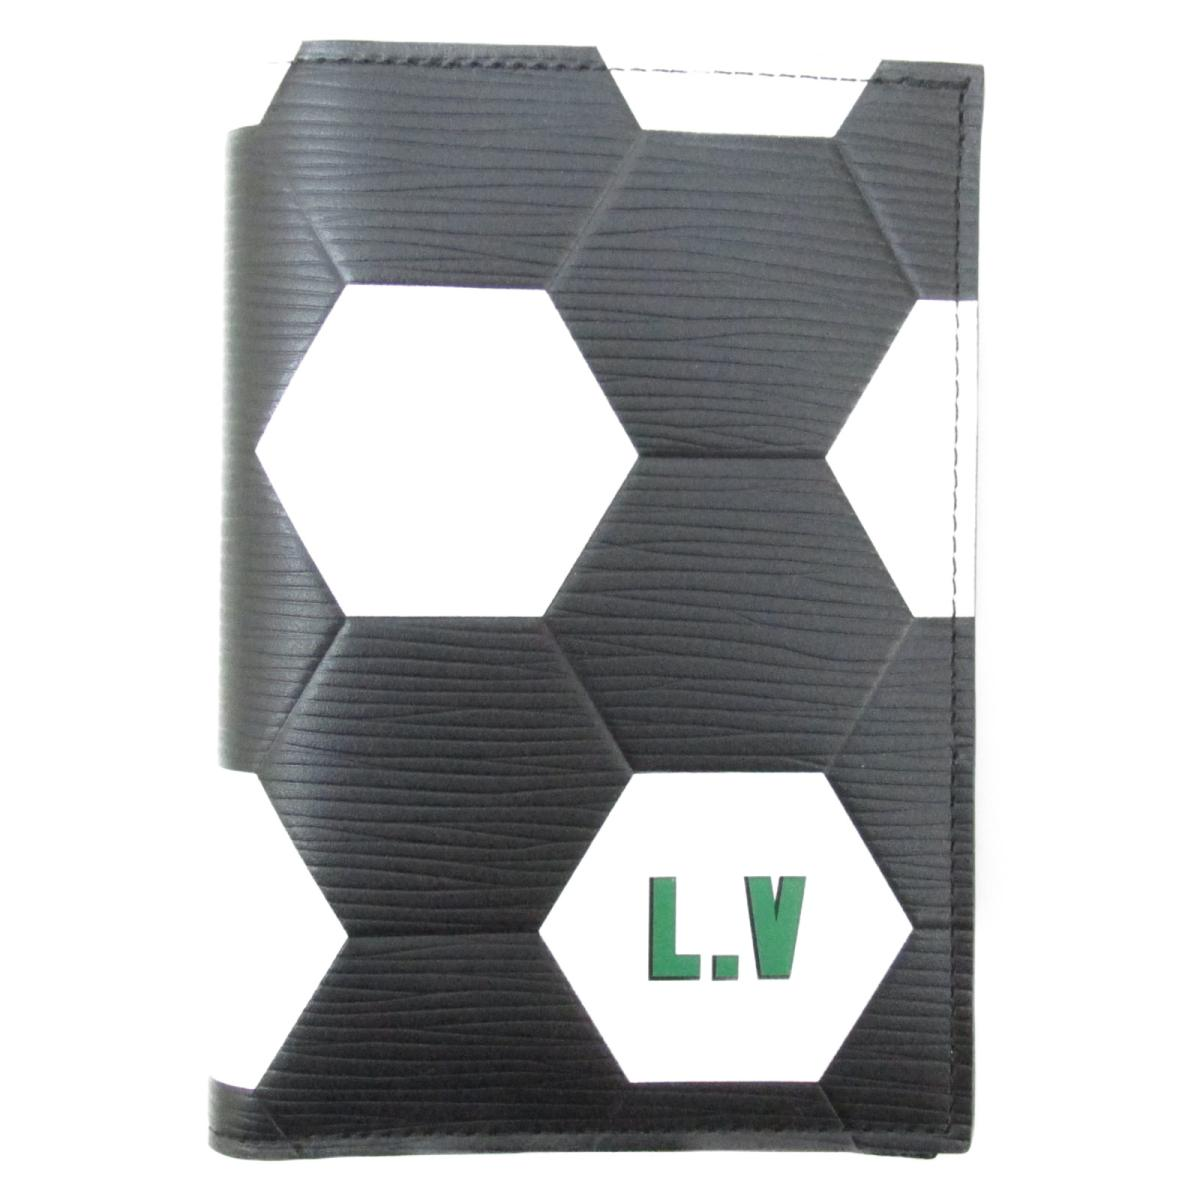 ルイヴィトン クーヴェルテュール・パスポール パスポートケース メンズ レディース エピ ノワール (M63374)   LOUIS VUITTON ヴィトン ビトン ルイ・ヴィトン パスケース クーヴェルテュール・パスポール 新品 ブランドオフ